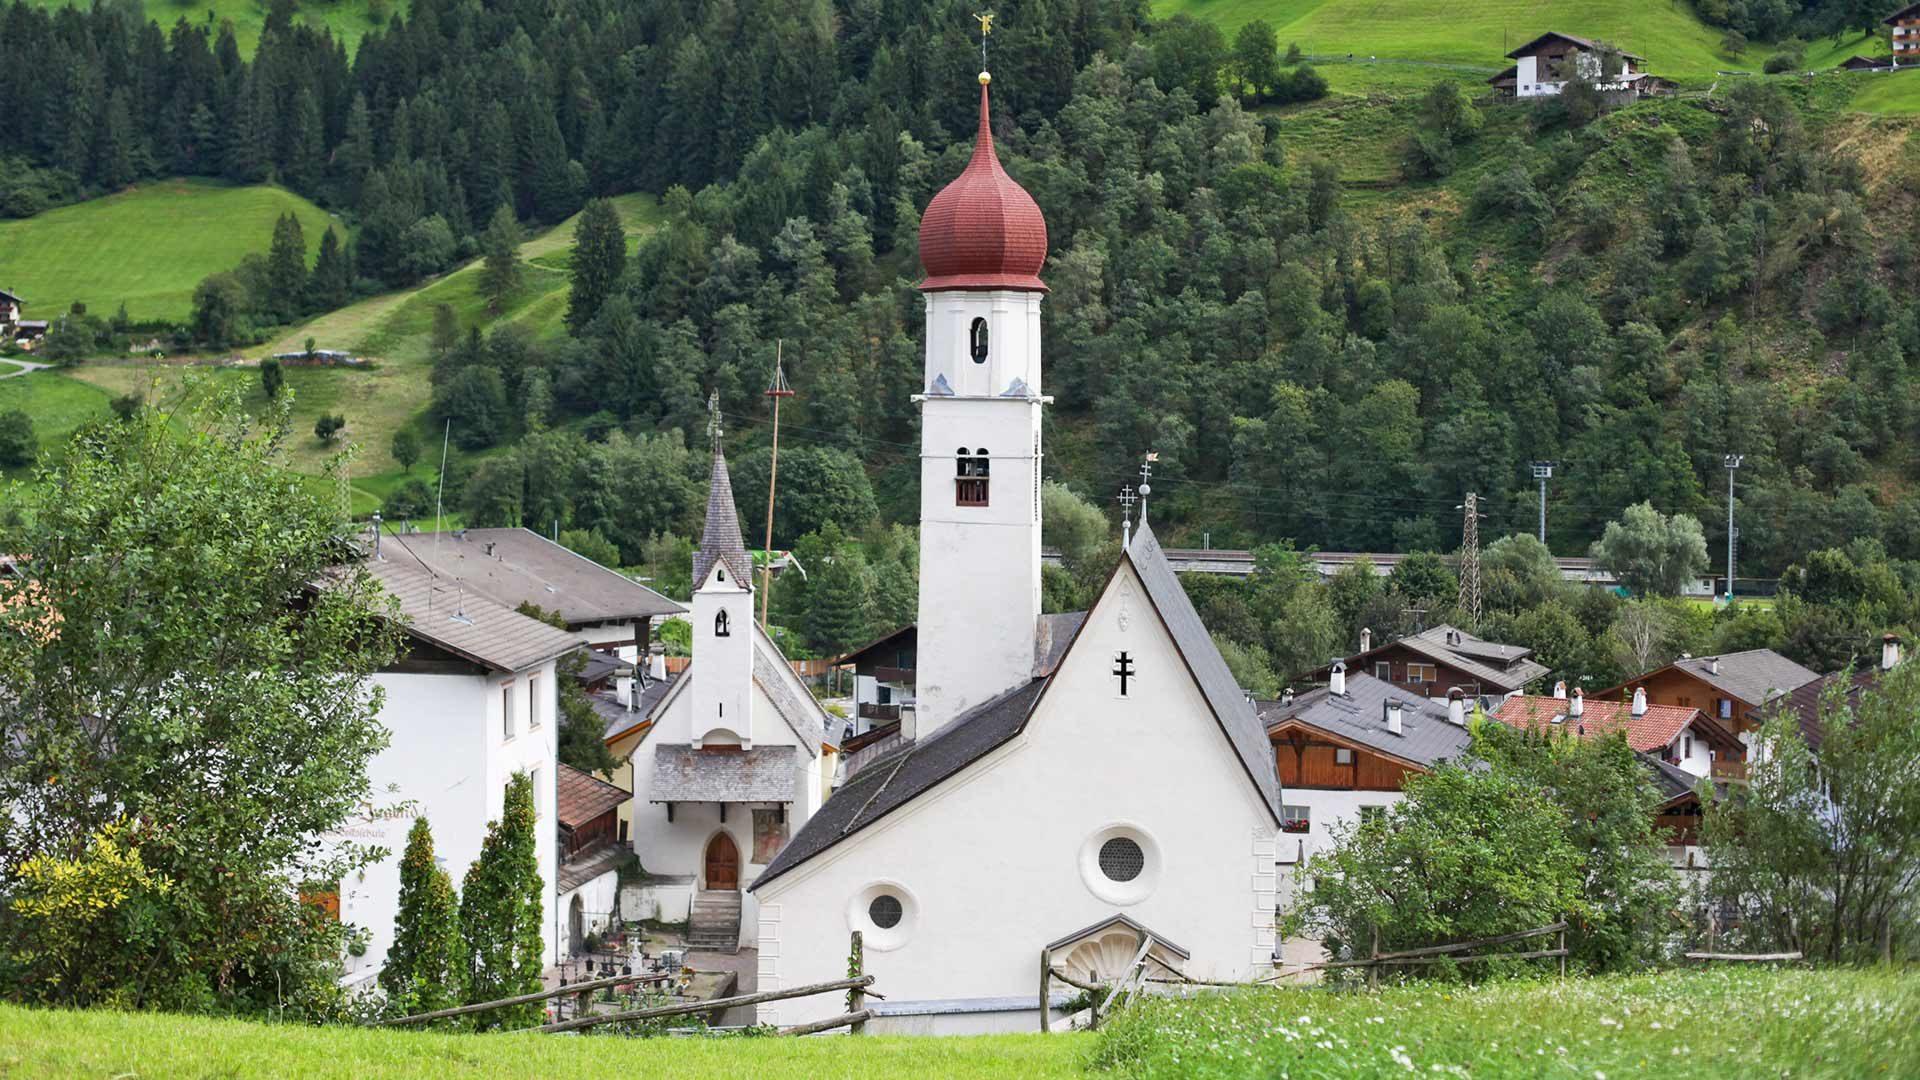 Chiesa Parrocchiale San Martino in Val Passiria